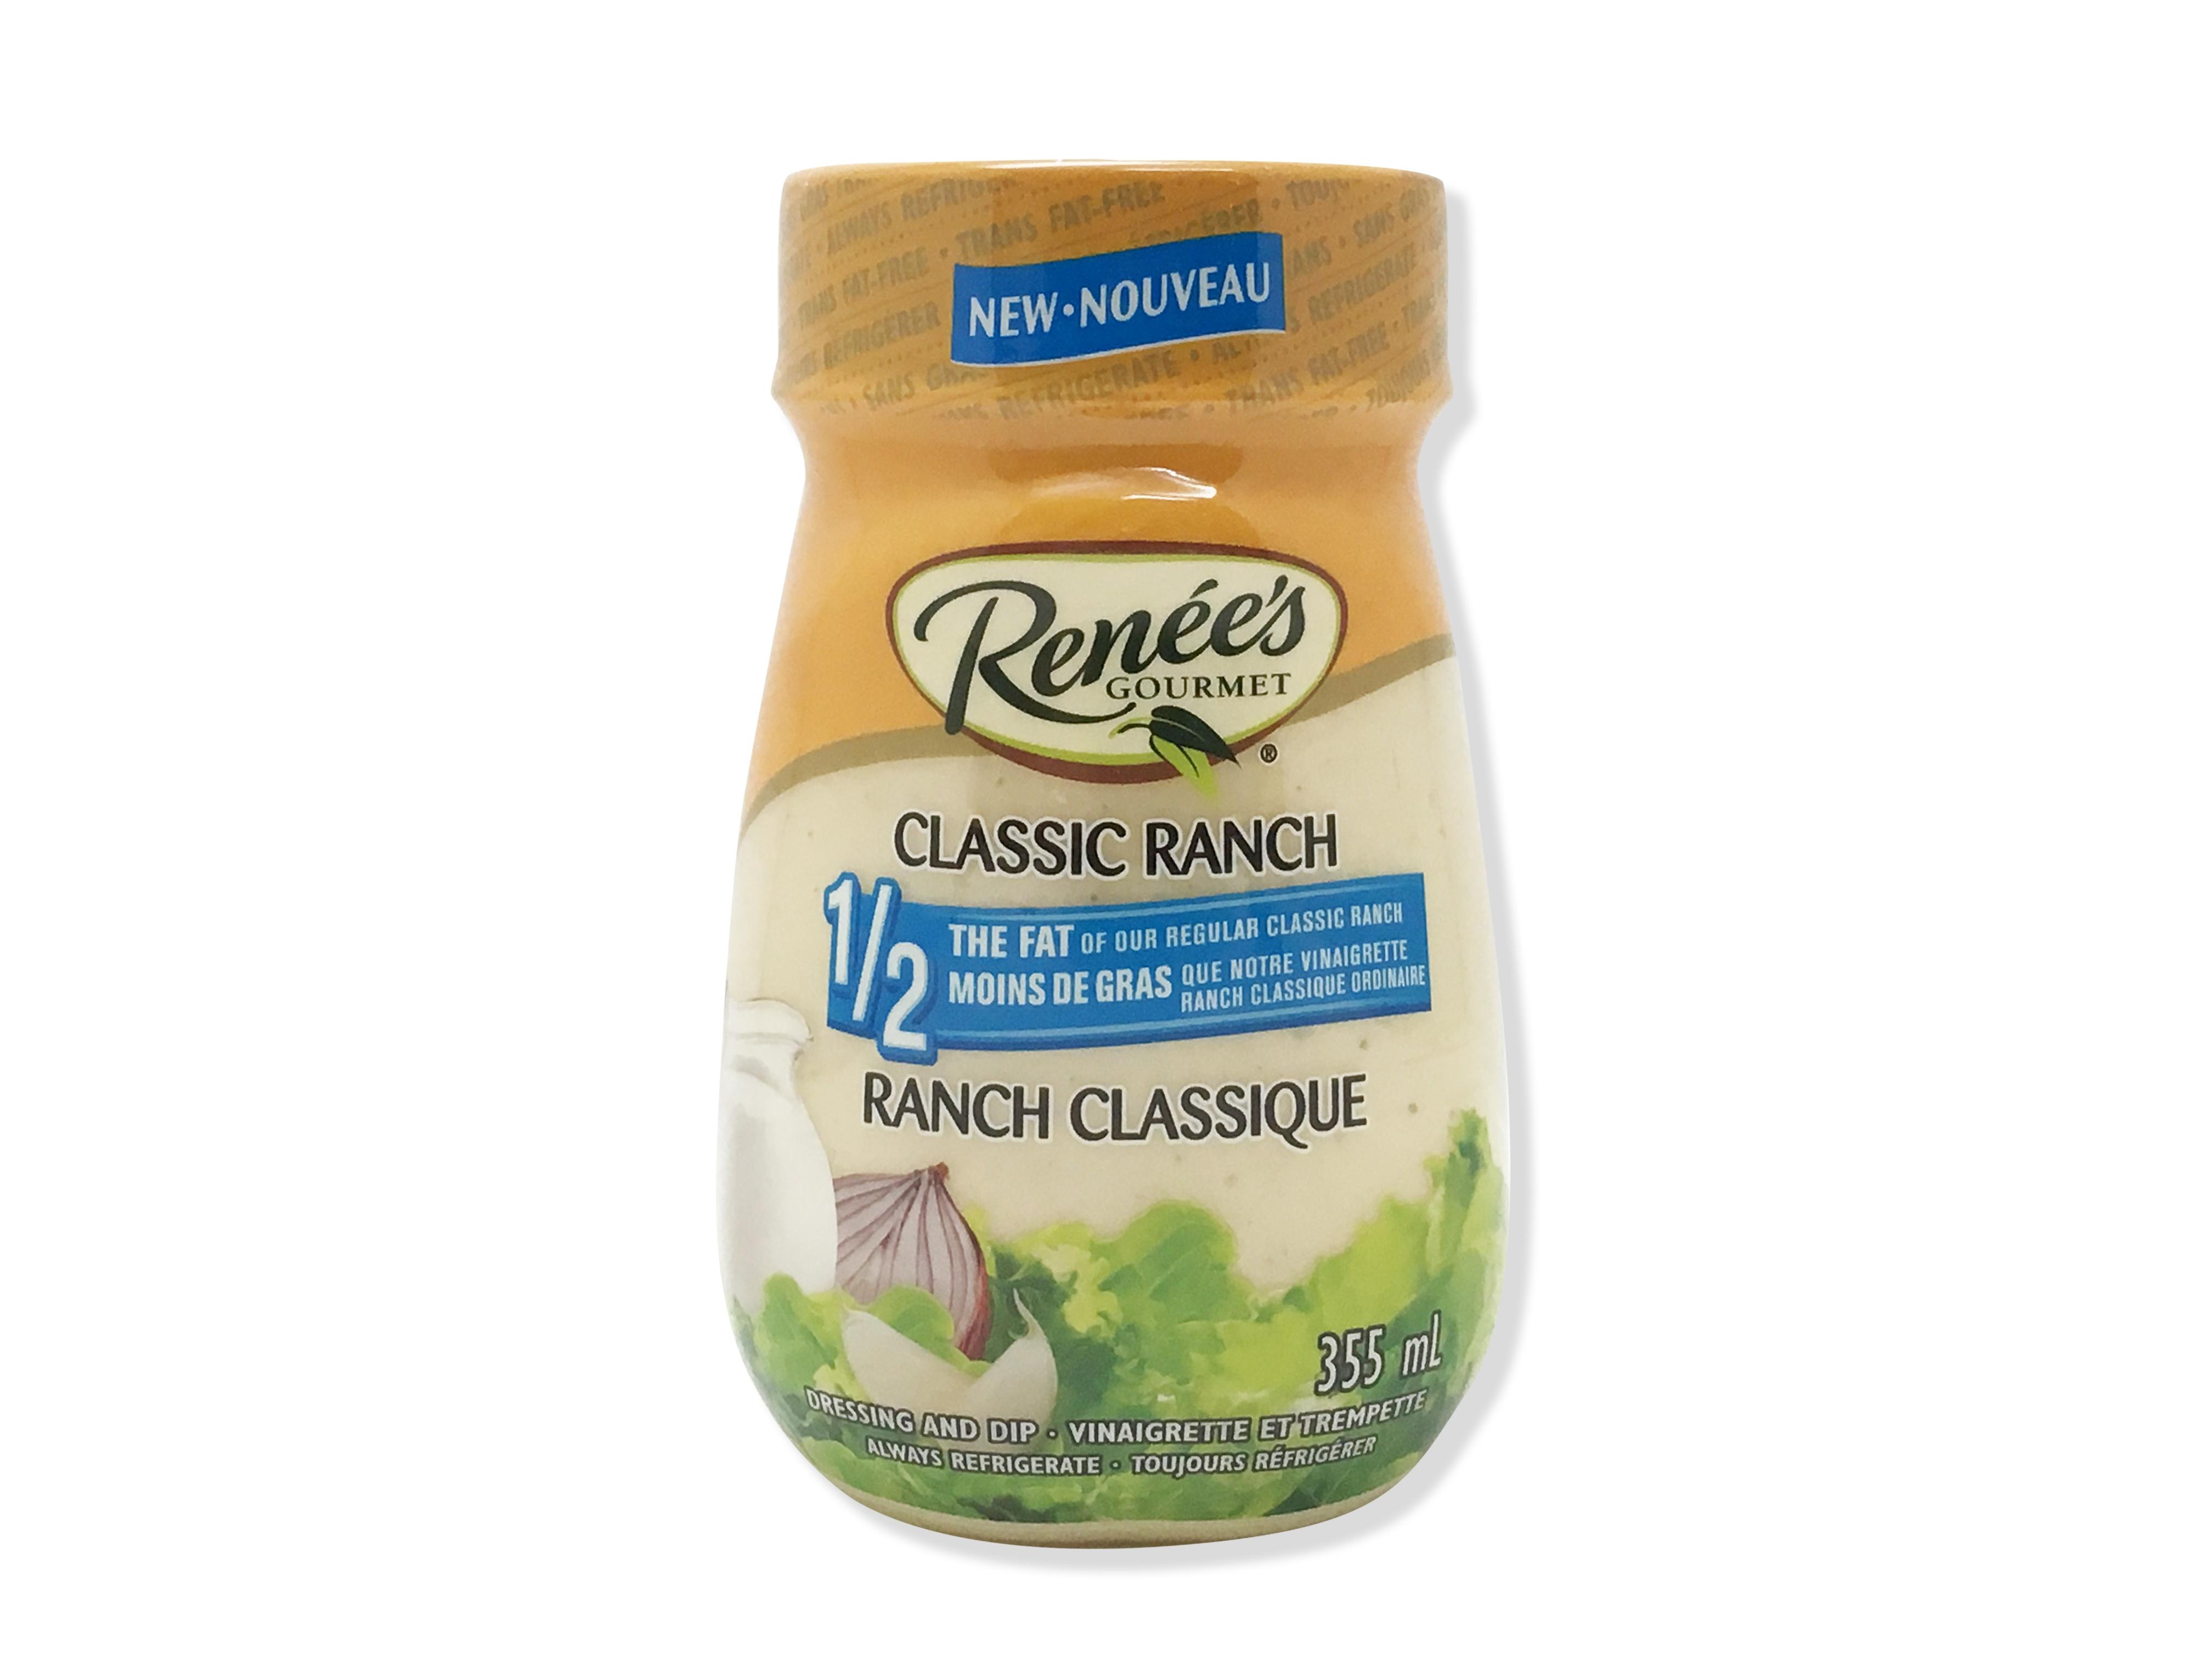 https://0901.nccdn.net/4_2/000/000/017/e75/Renees-Classic-ranch-4032x3024.jpg